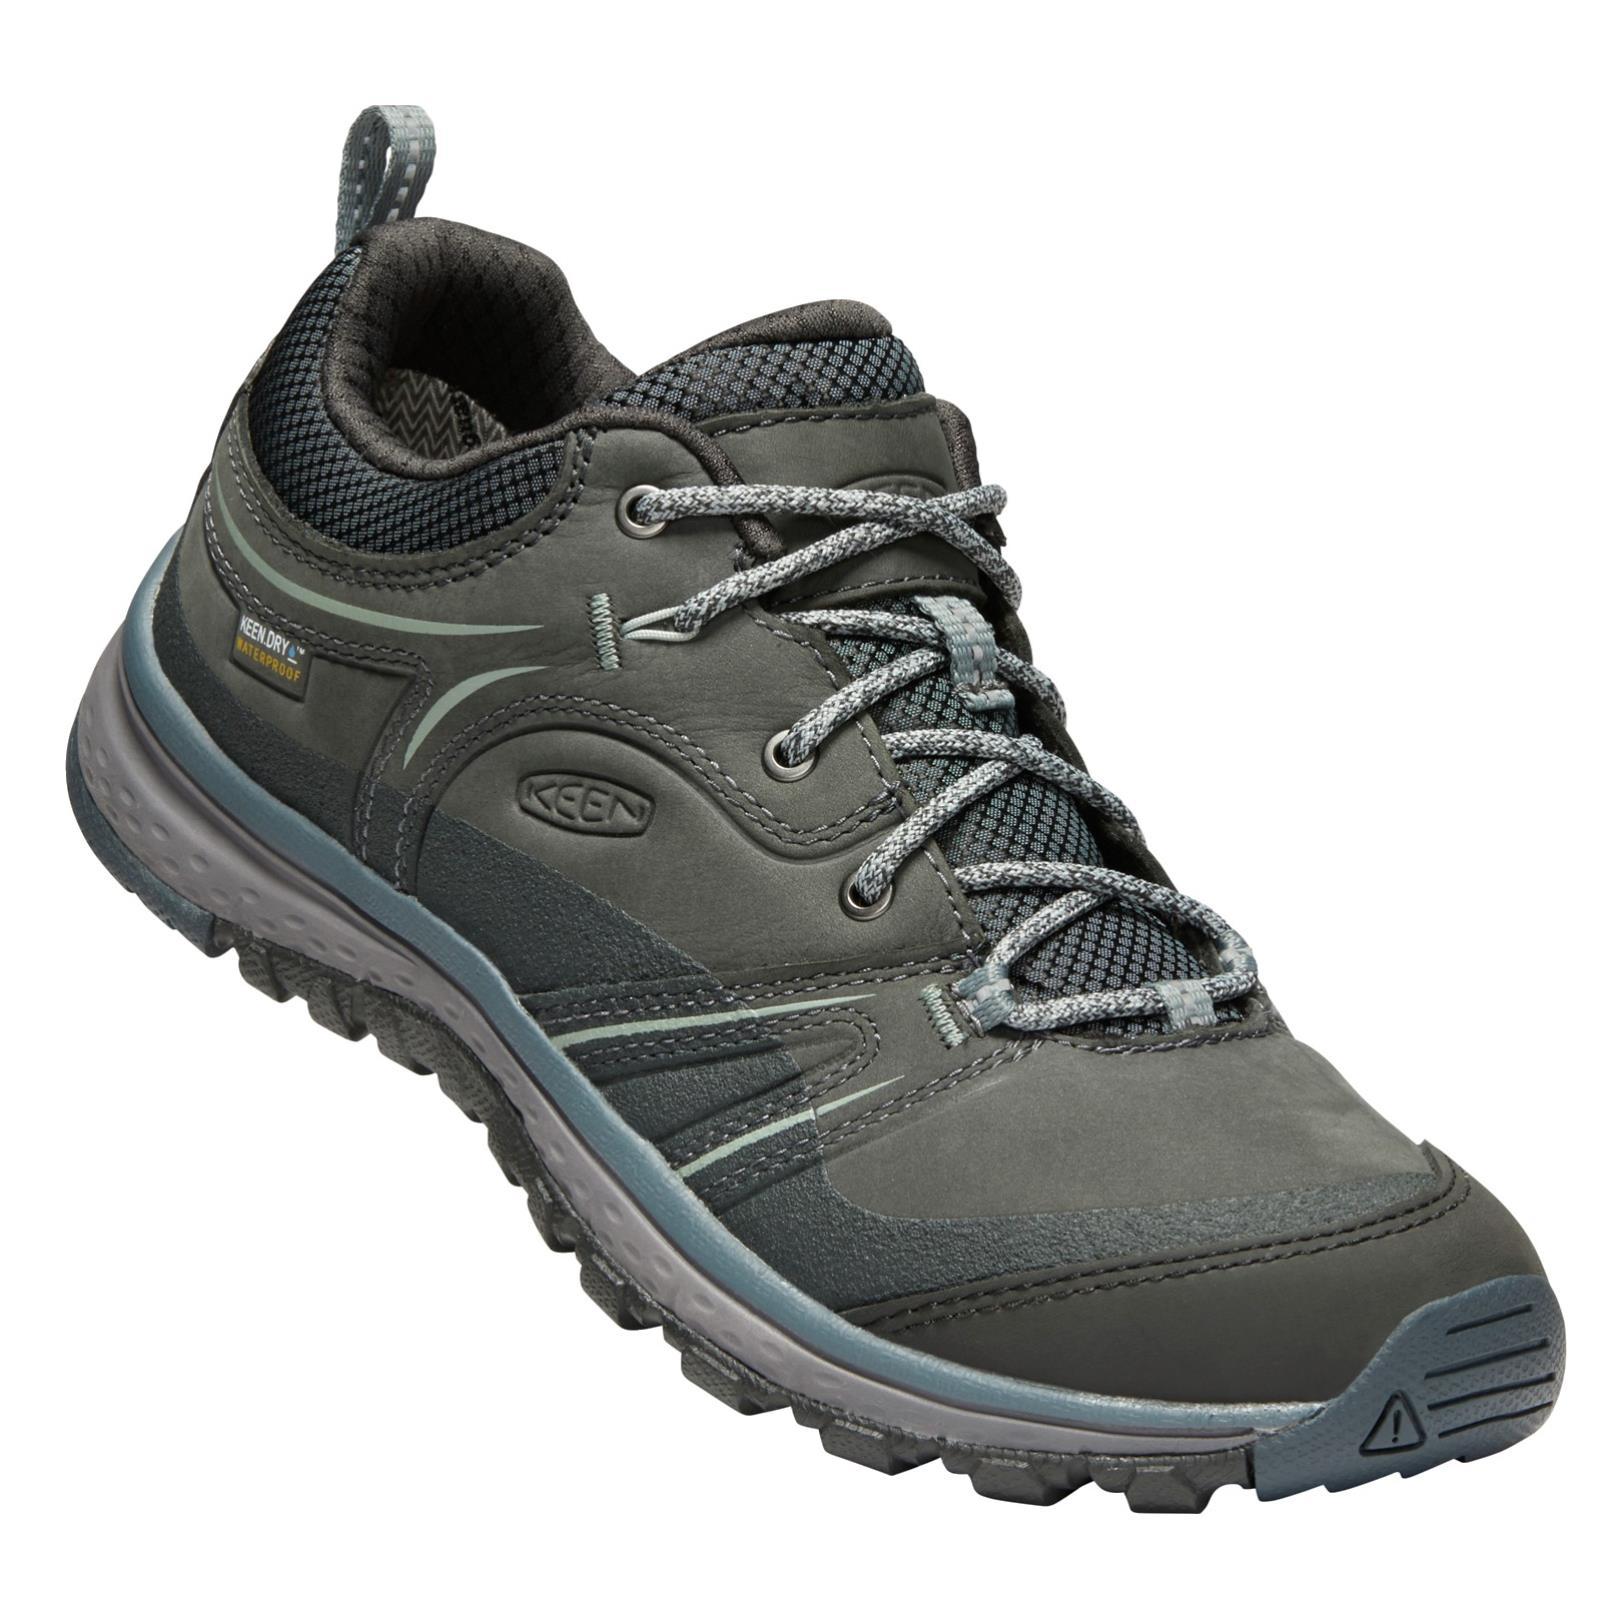 Outdoor Schuhe bei Sportiply